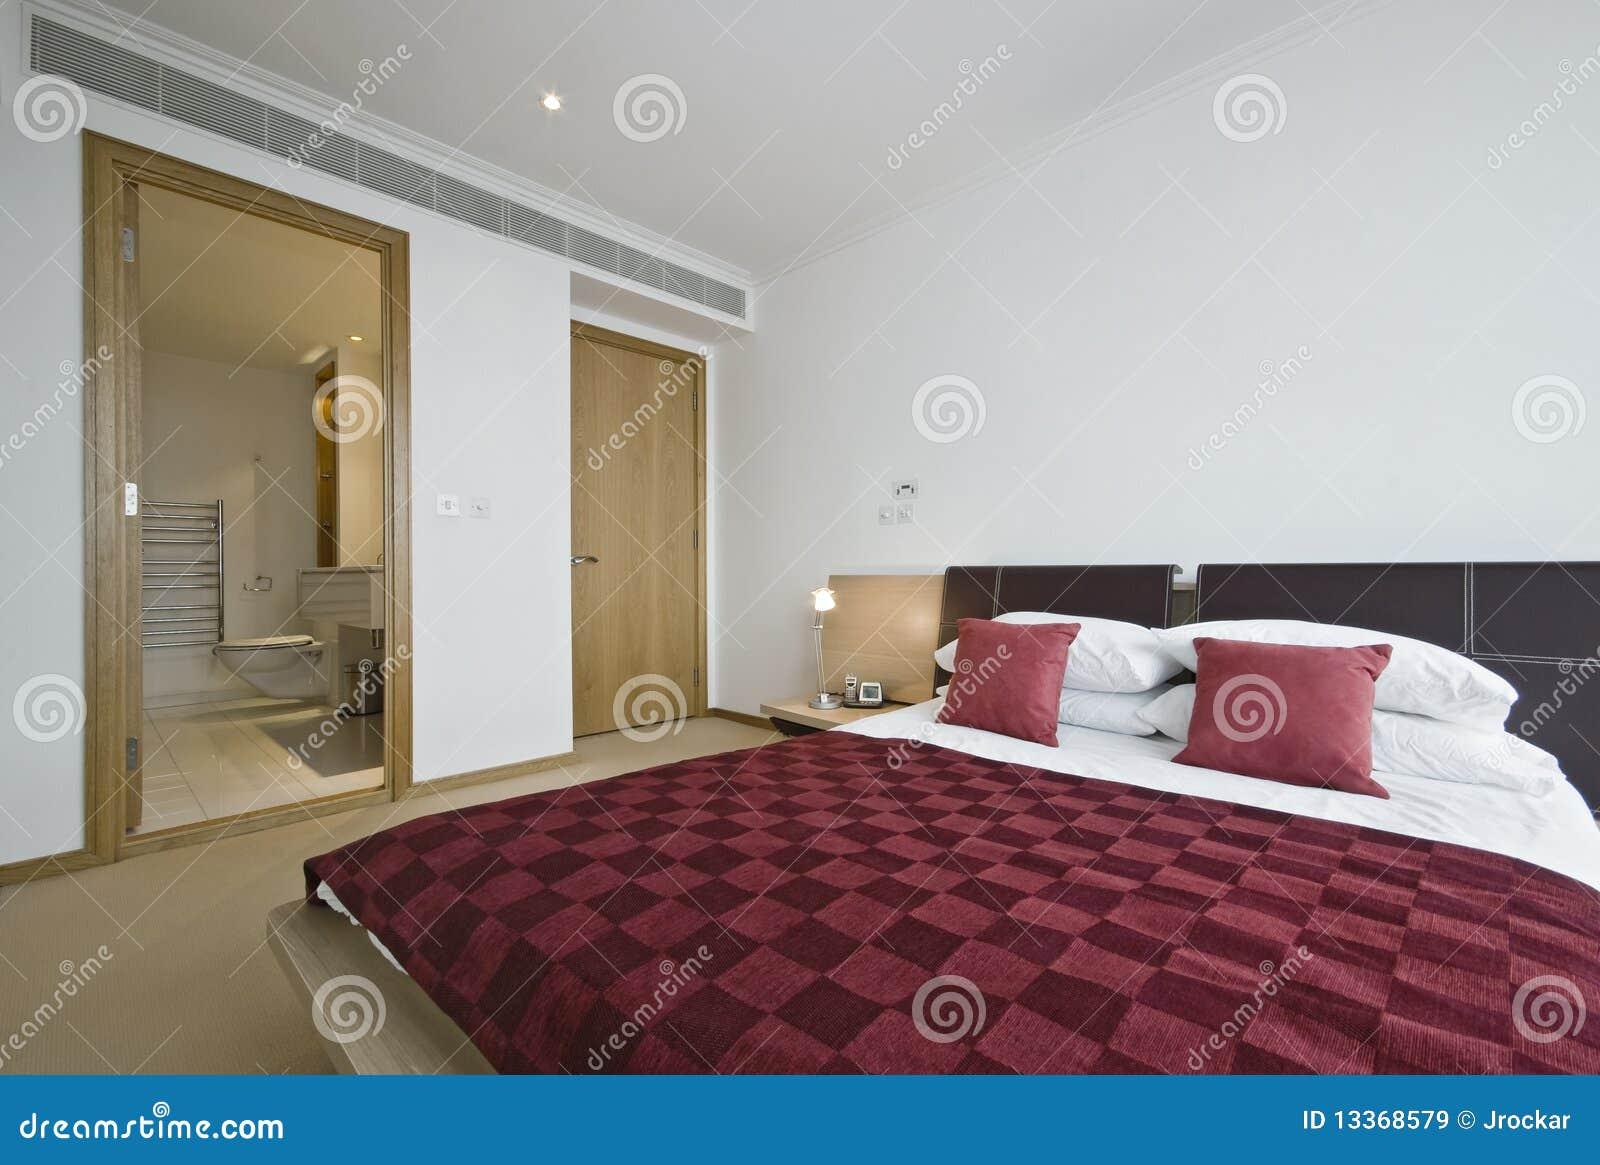 Chambre à Coucher Avec La Porte Ouverte à La Salle De Bains D'en ...